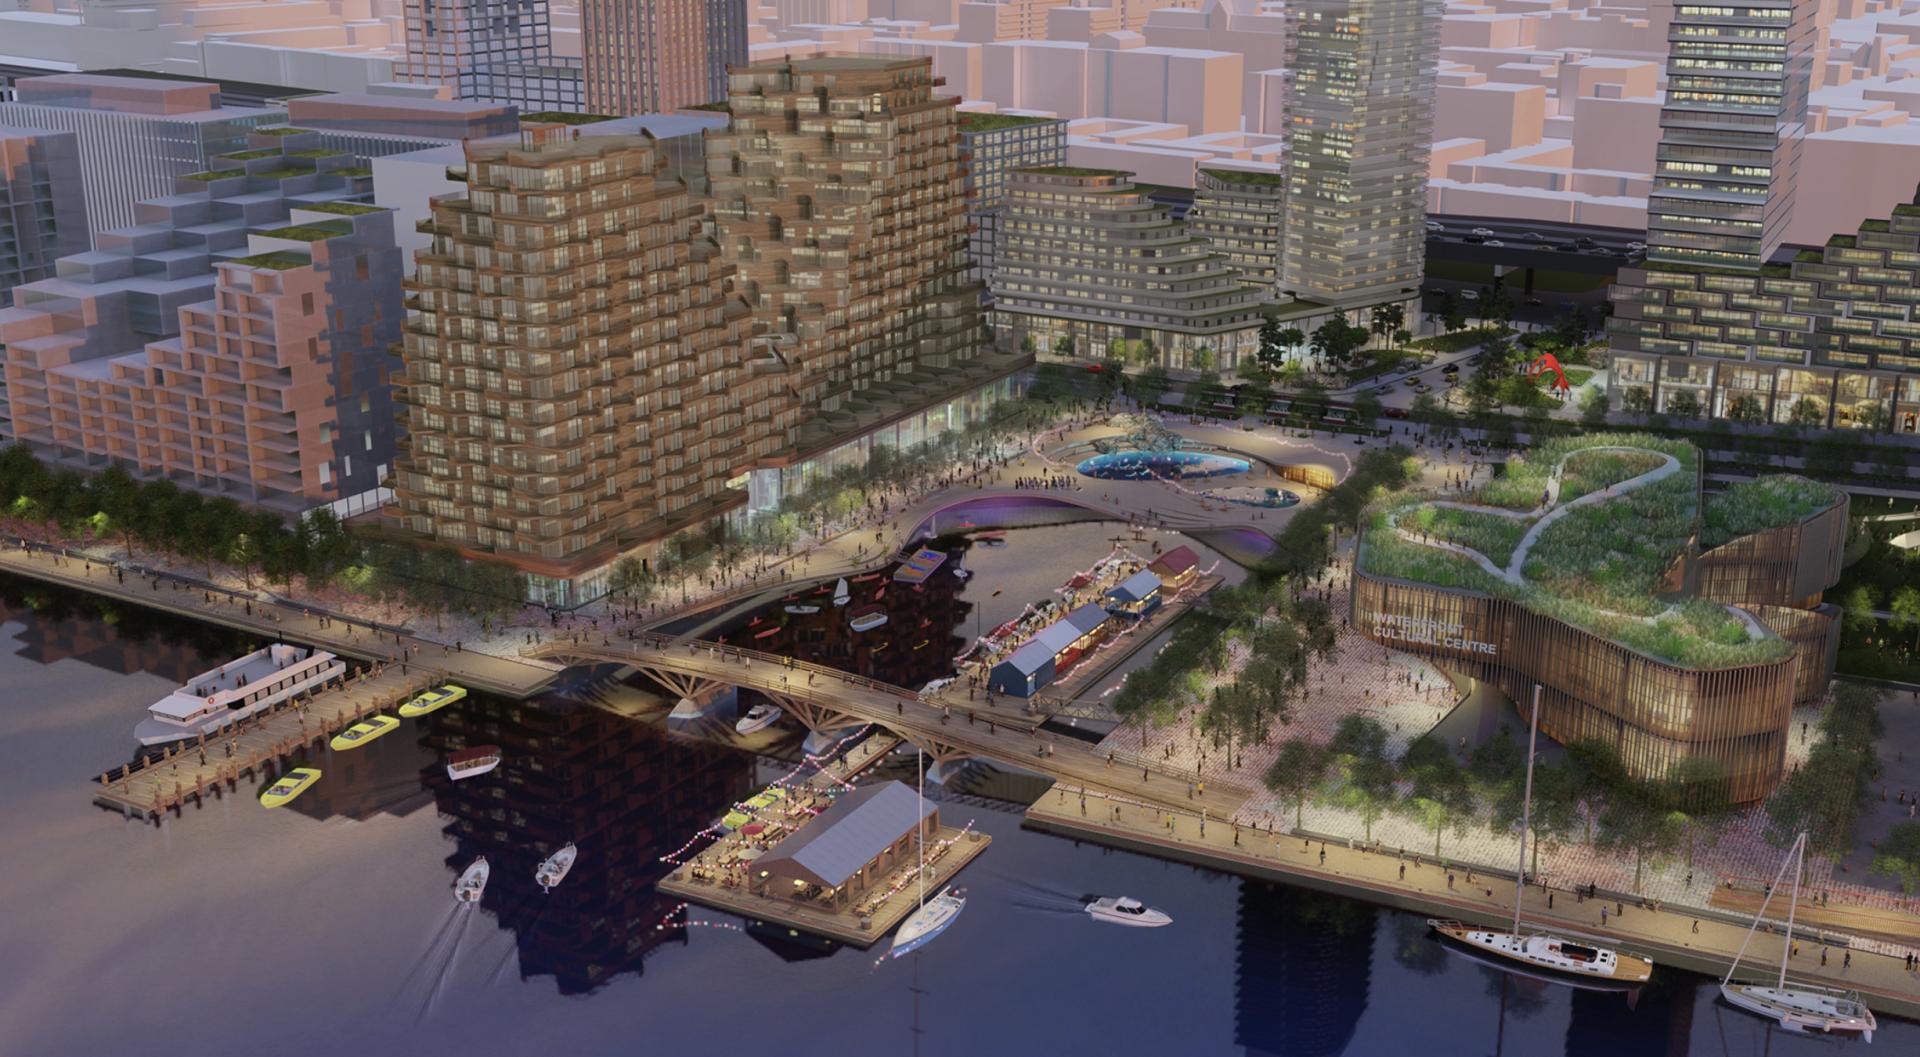 What Toronto's abandoned Sidewalk Labs waterfront could look like (RENDERINGS)